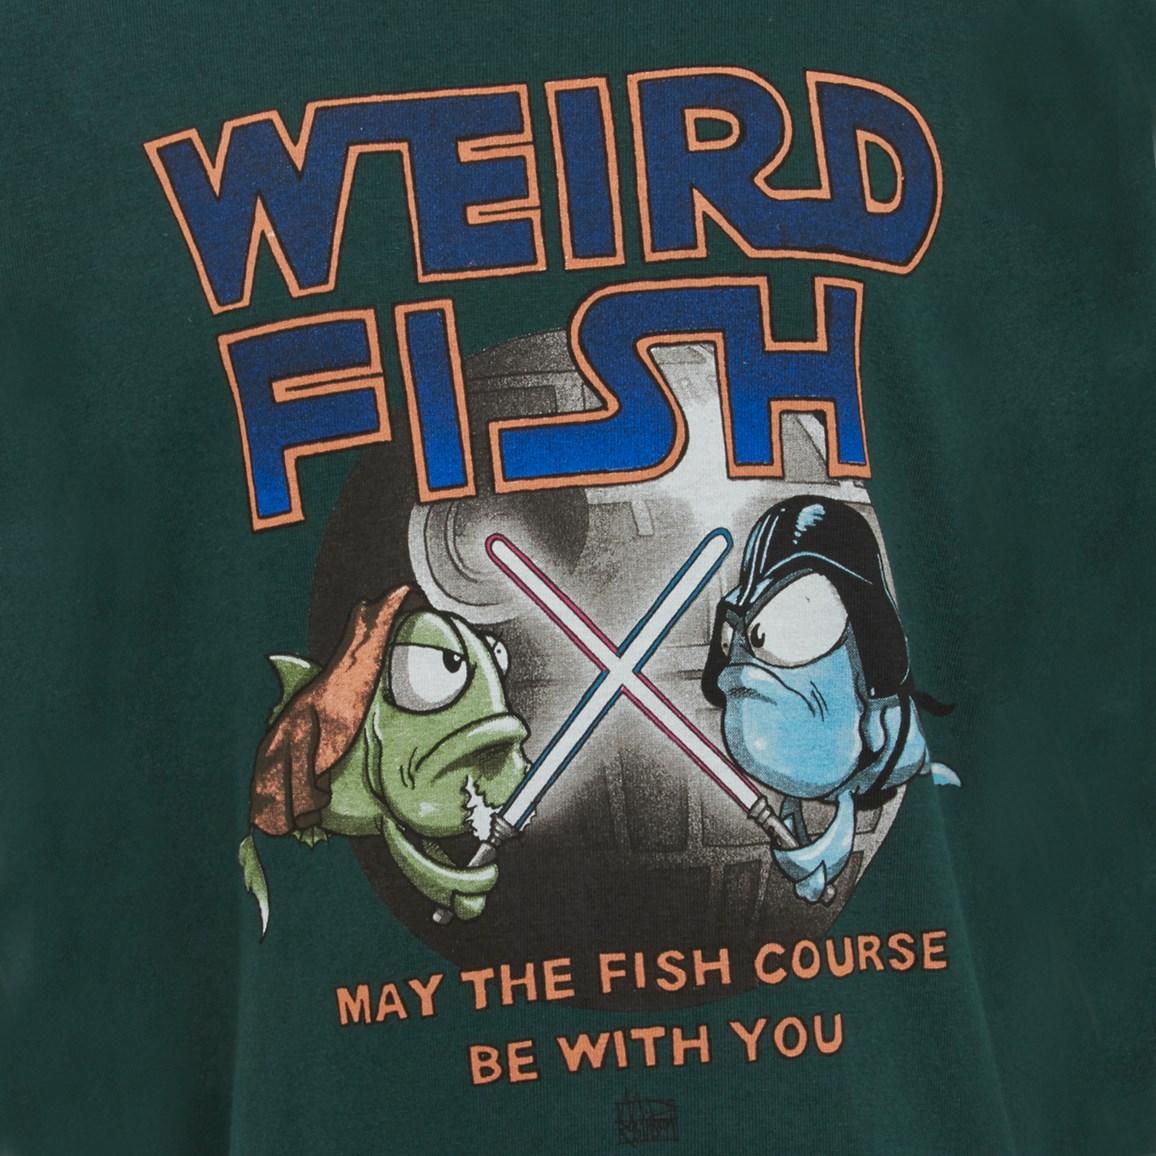 Weird Fish Fish Course Artist T-Shirt Evergreen Size 11-12